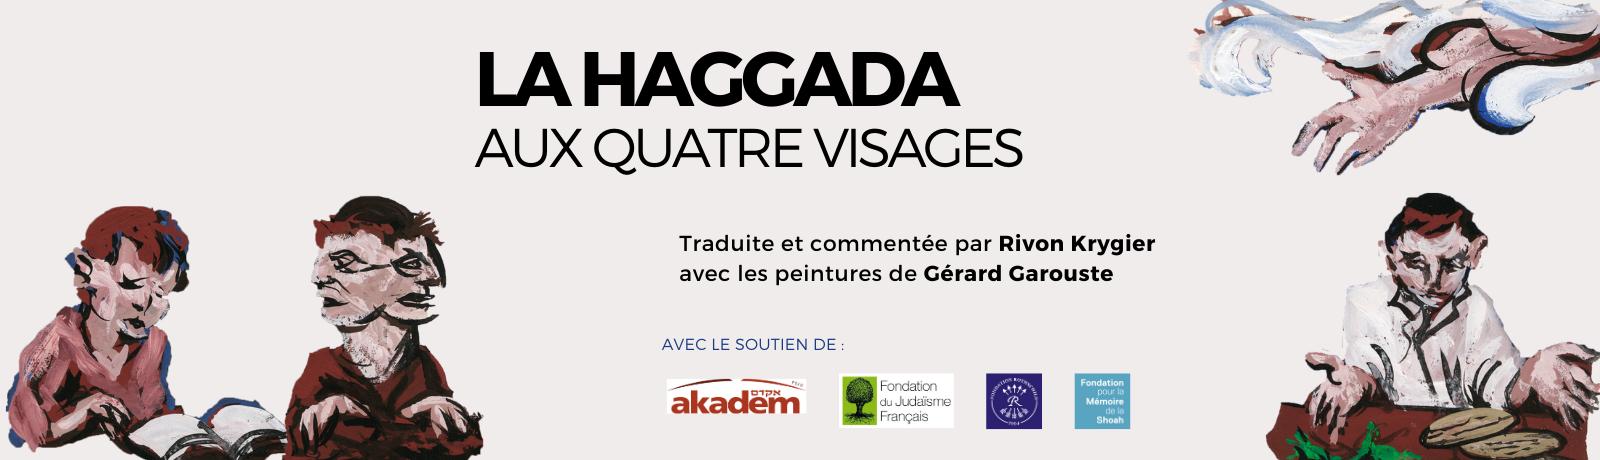 Bannière Site In Press (9)